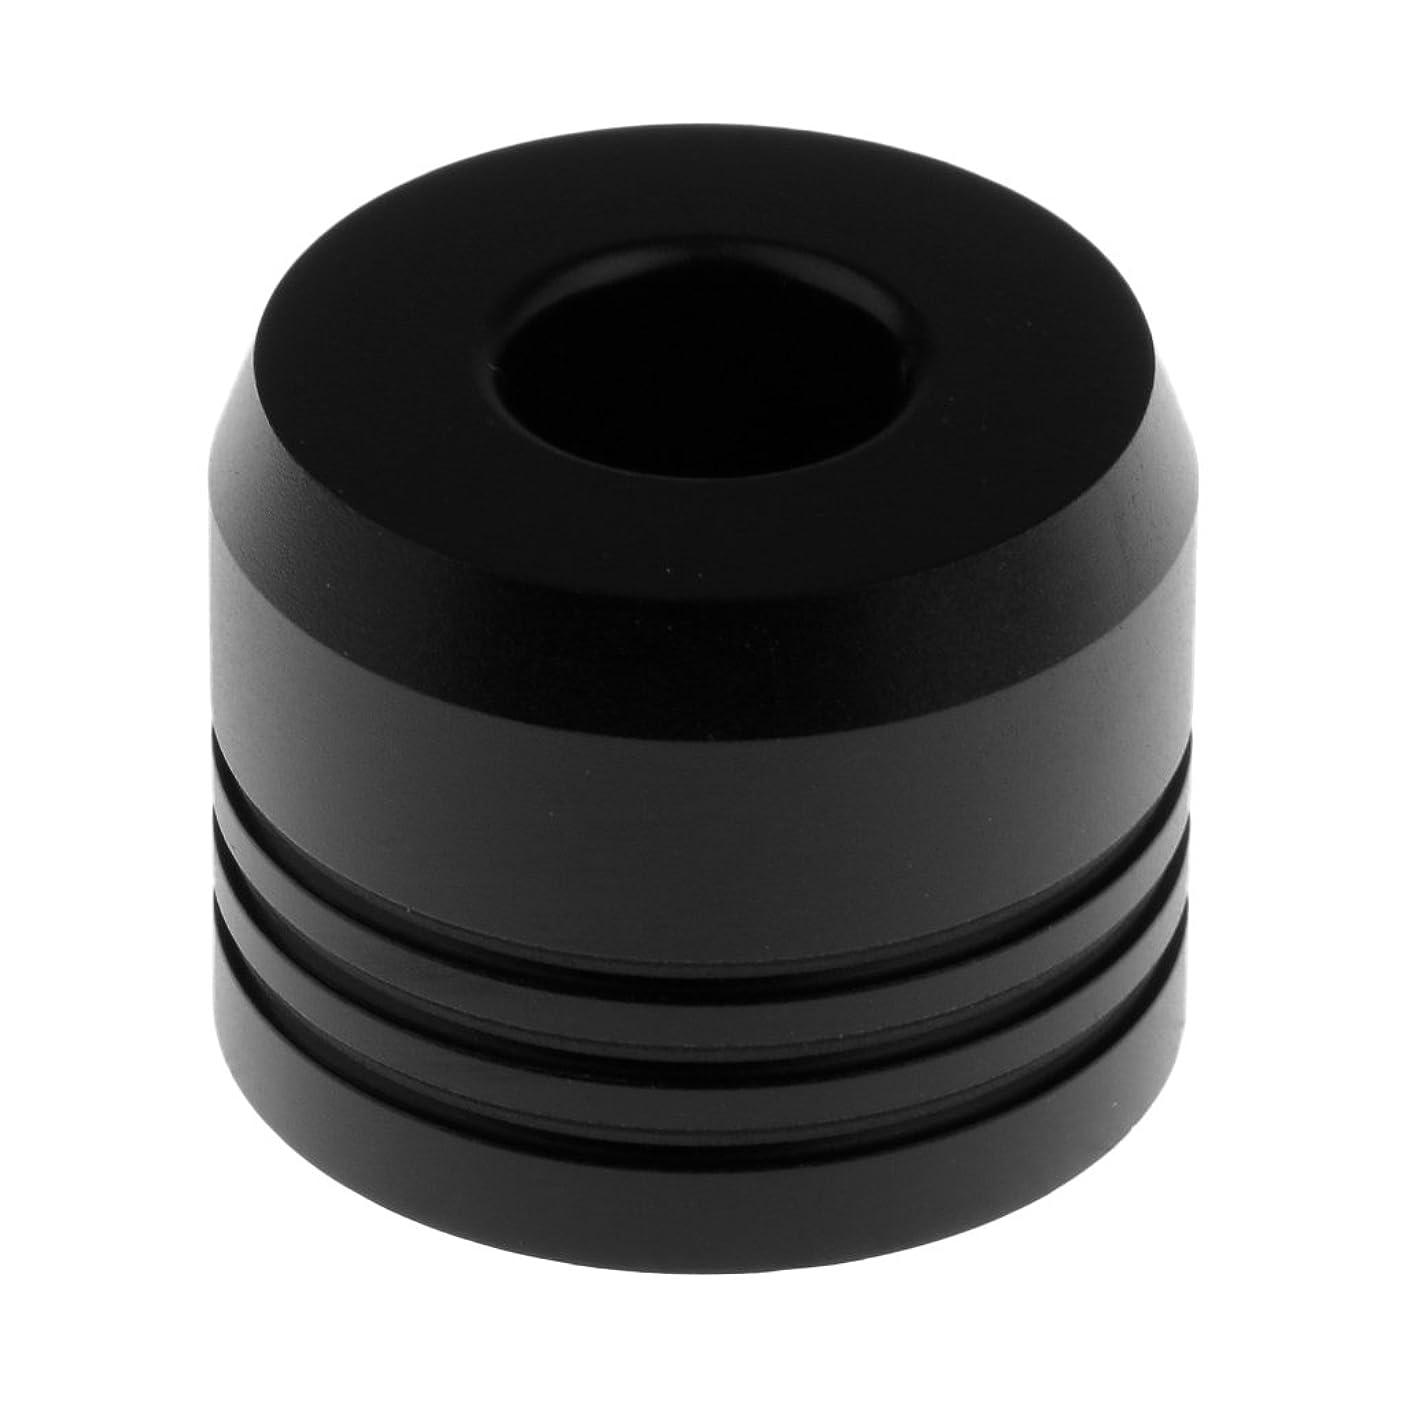 米国全員弁護Perfk カミソリスタンド スタンド メンズ シェービング カミソリホルダー サポート 調節可 ベース 2色選べ   - ブラック